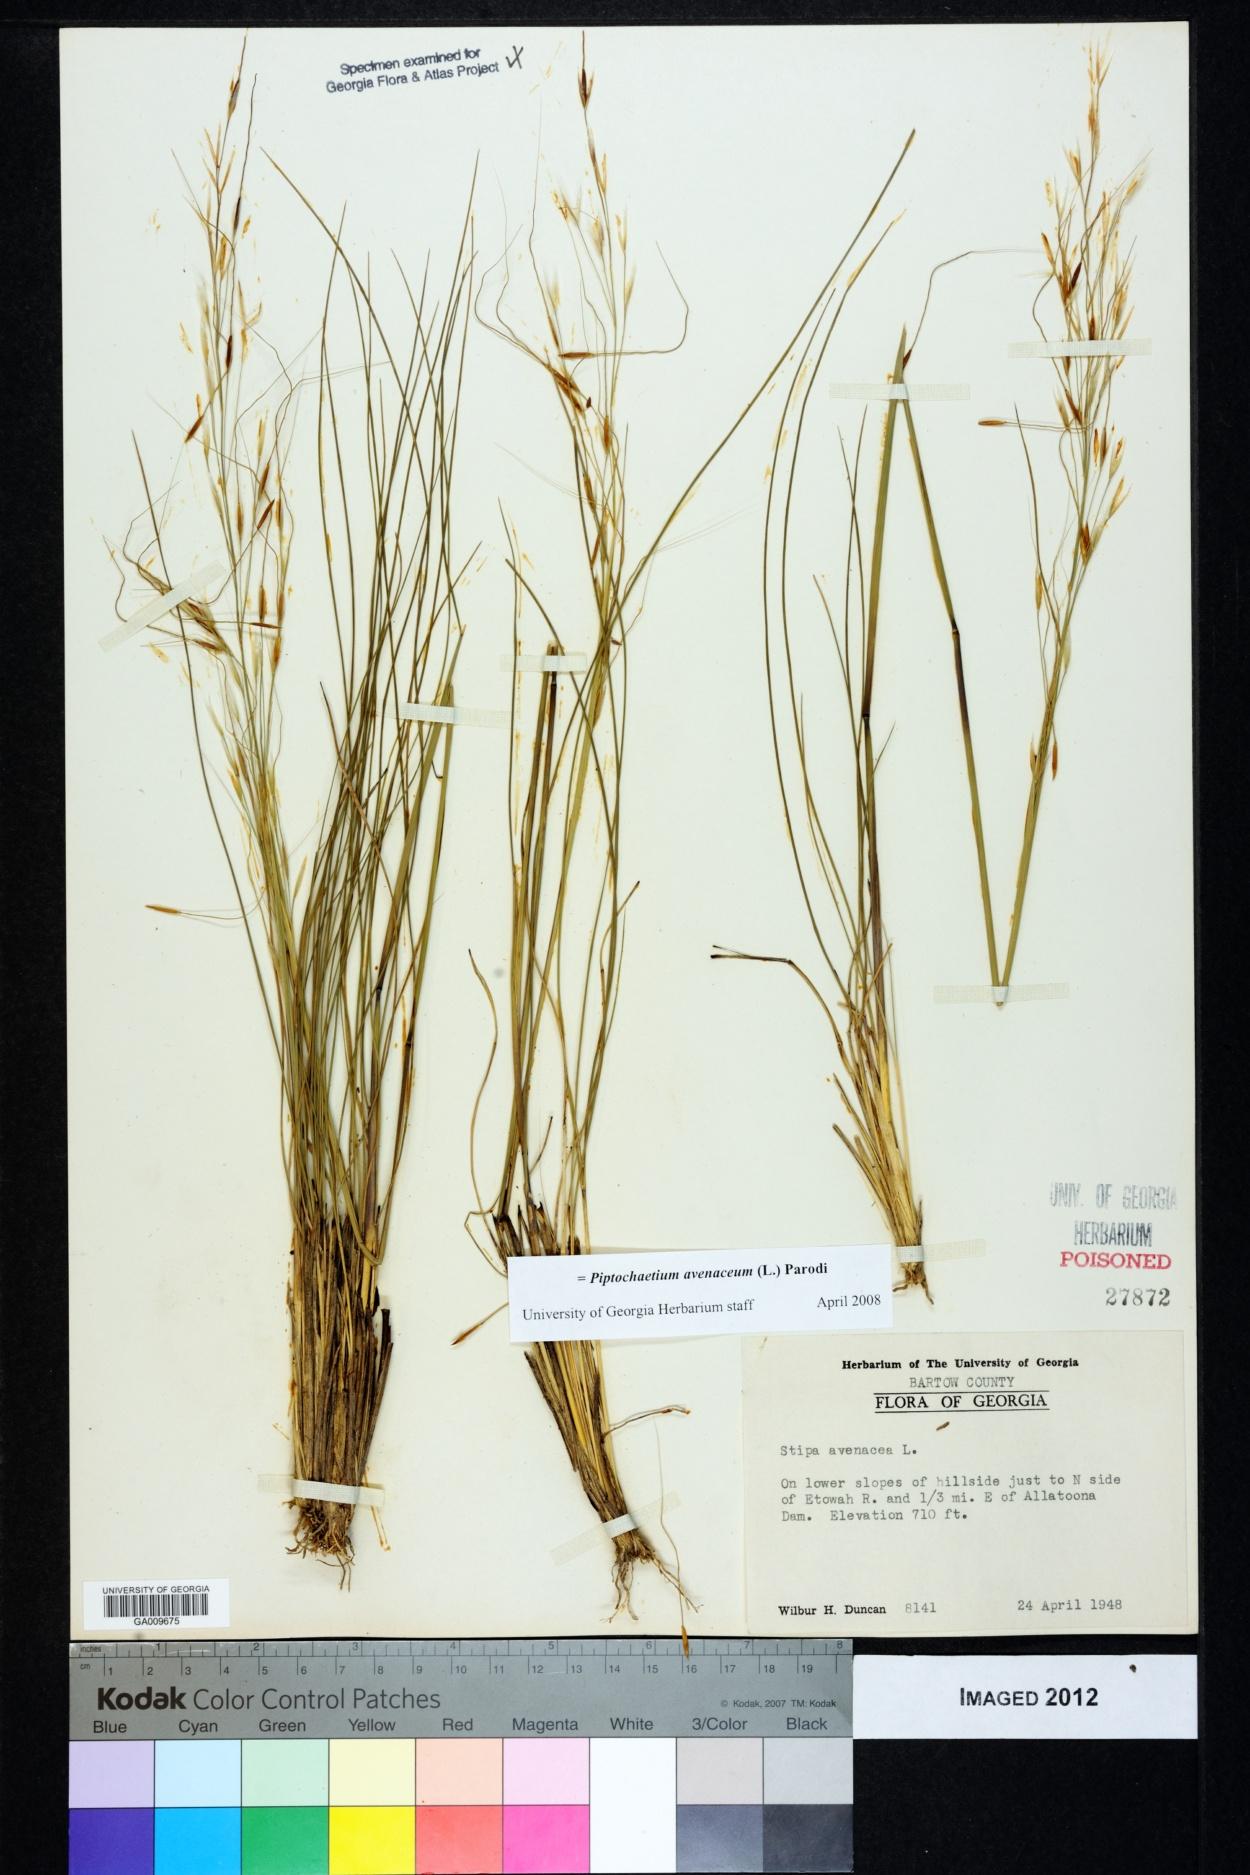 Piptochaetium avenaceum image